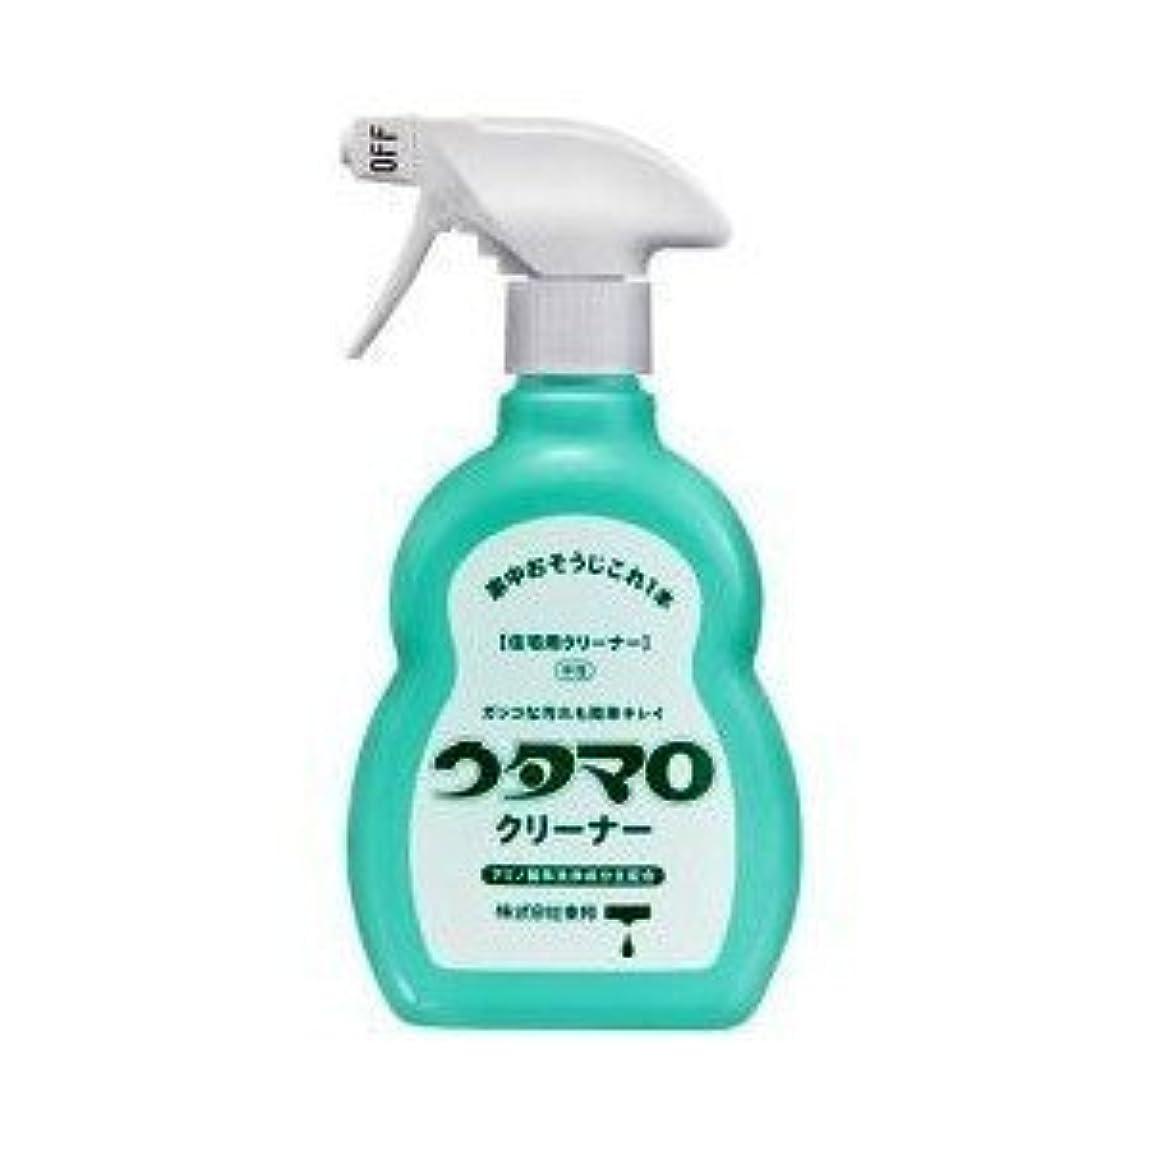 推測するブランチ嫌なウタマロ クリーナー 400ml 洗剤 住居用 アミノ酸系洗浄成分主配合 さわやかなグリーンハーブの香り